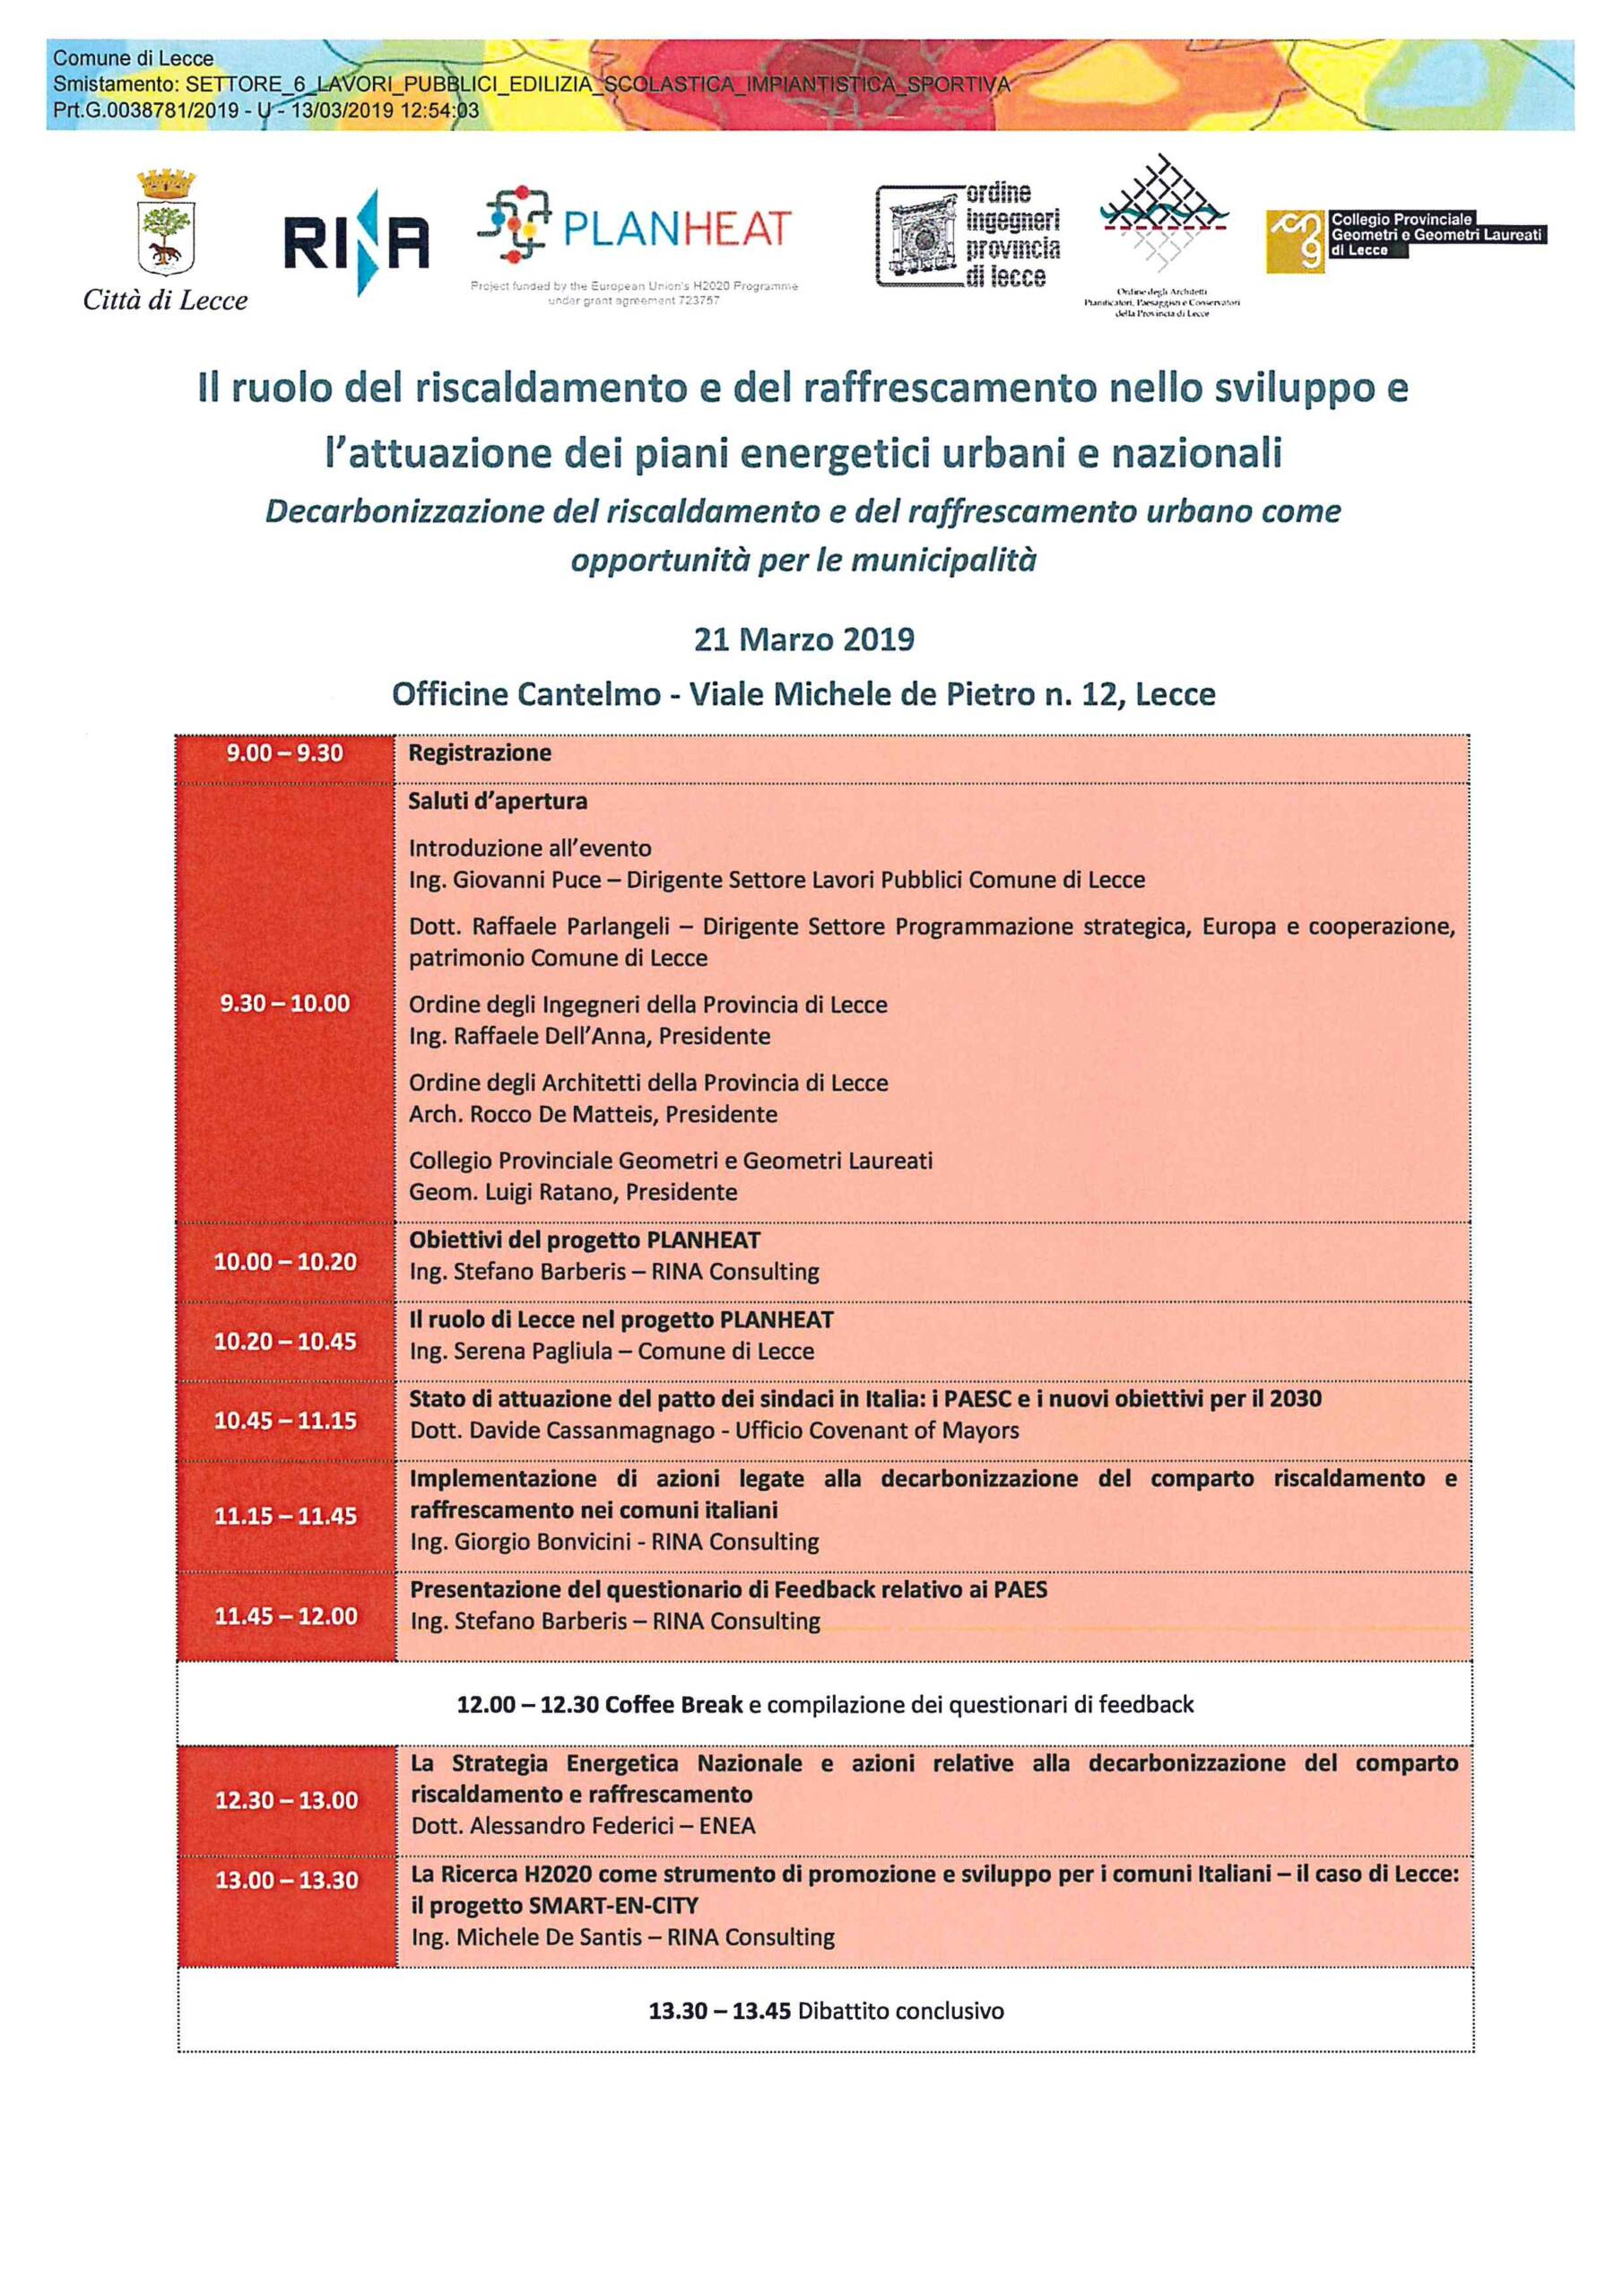 Evento – Il ruolo del riscaldamento e del raffrescamento nello sviluppo e l'attuazione dei piani energetici urbani e nazionali – Lecce 21-22 marzo 2019